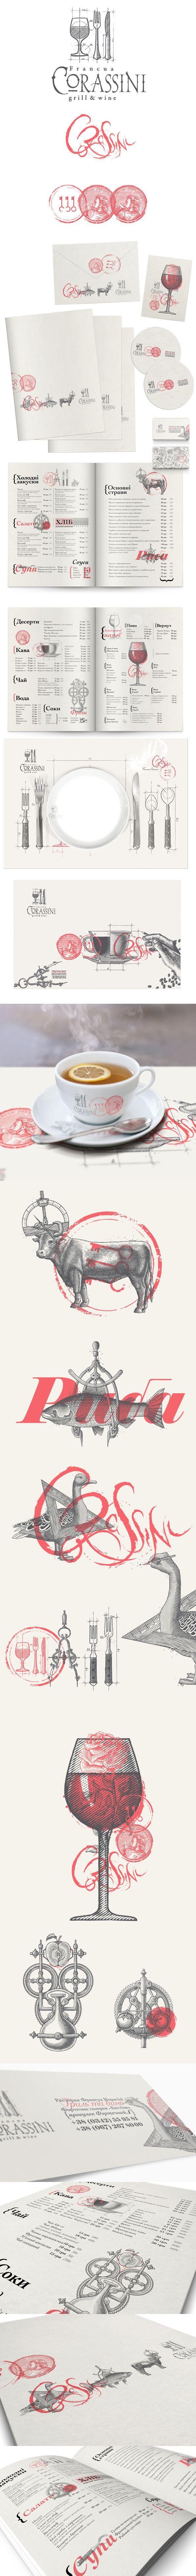 Corassini branding by Yaroslav Shkriblyak. #vectorinspiration #restaurantgraphics #typography